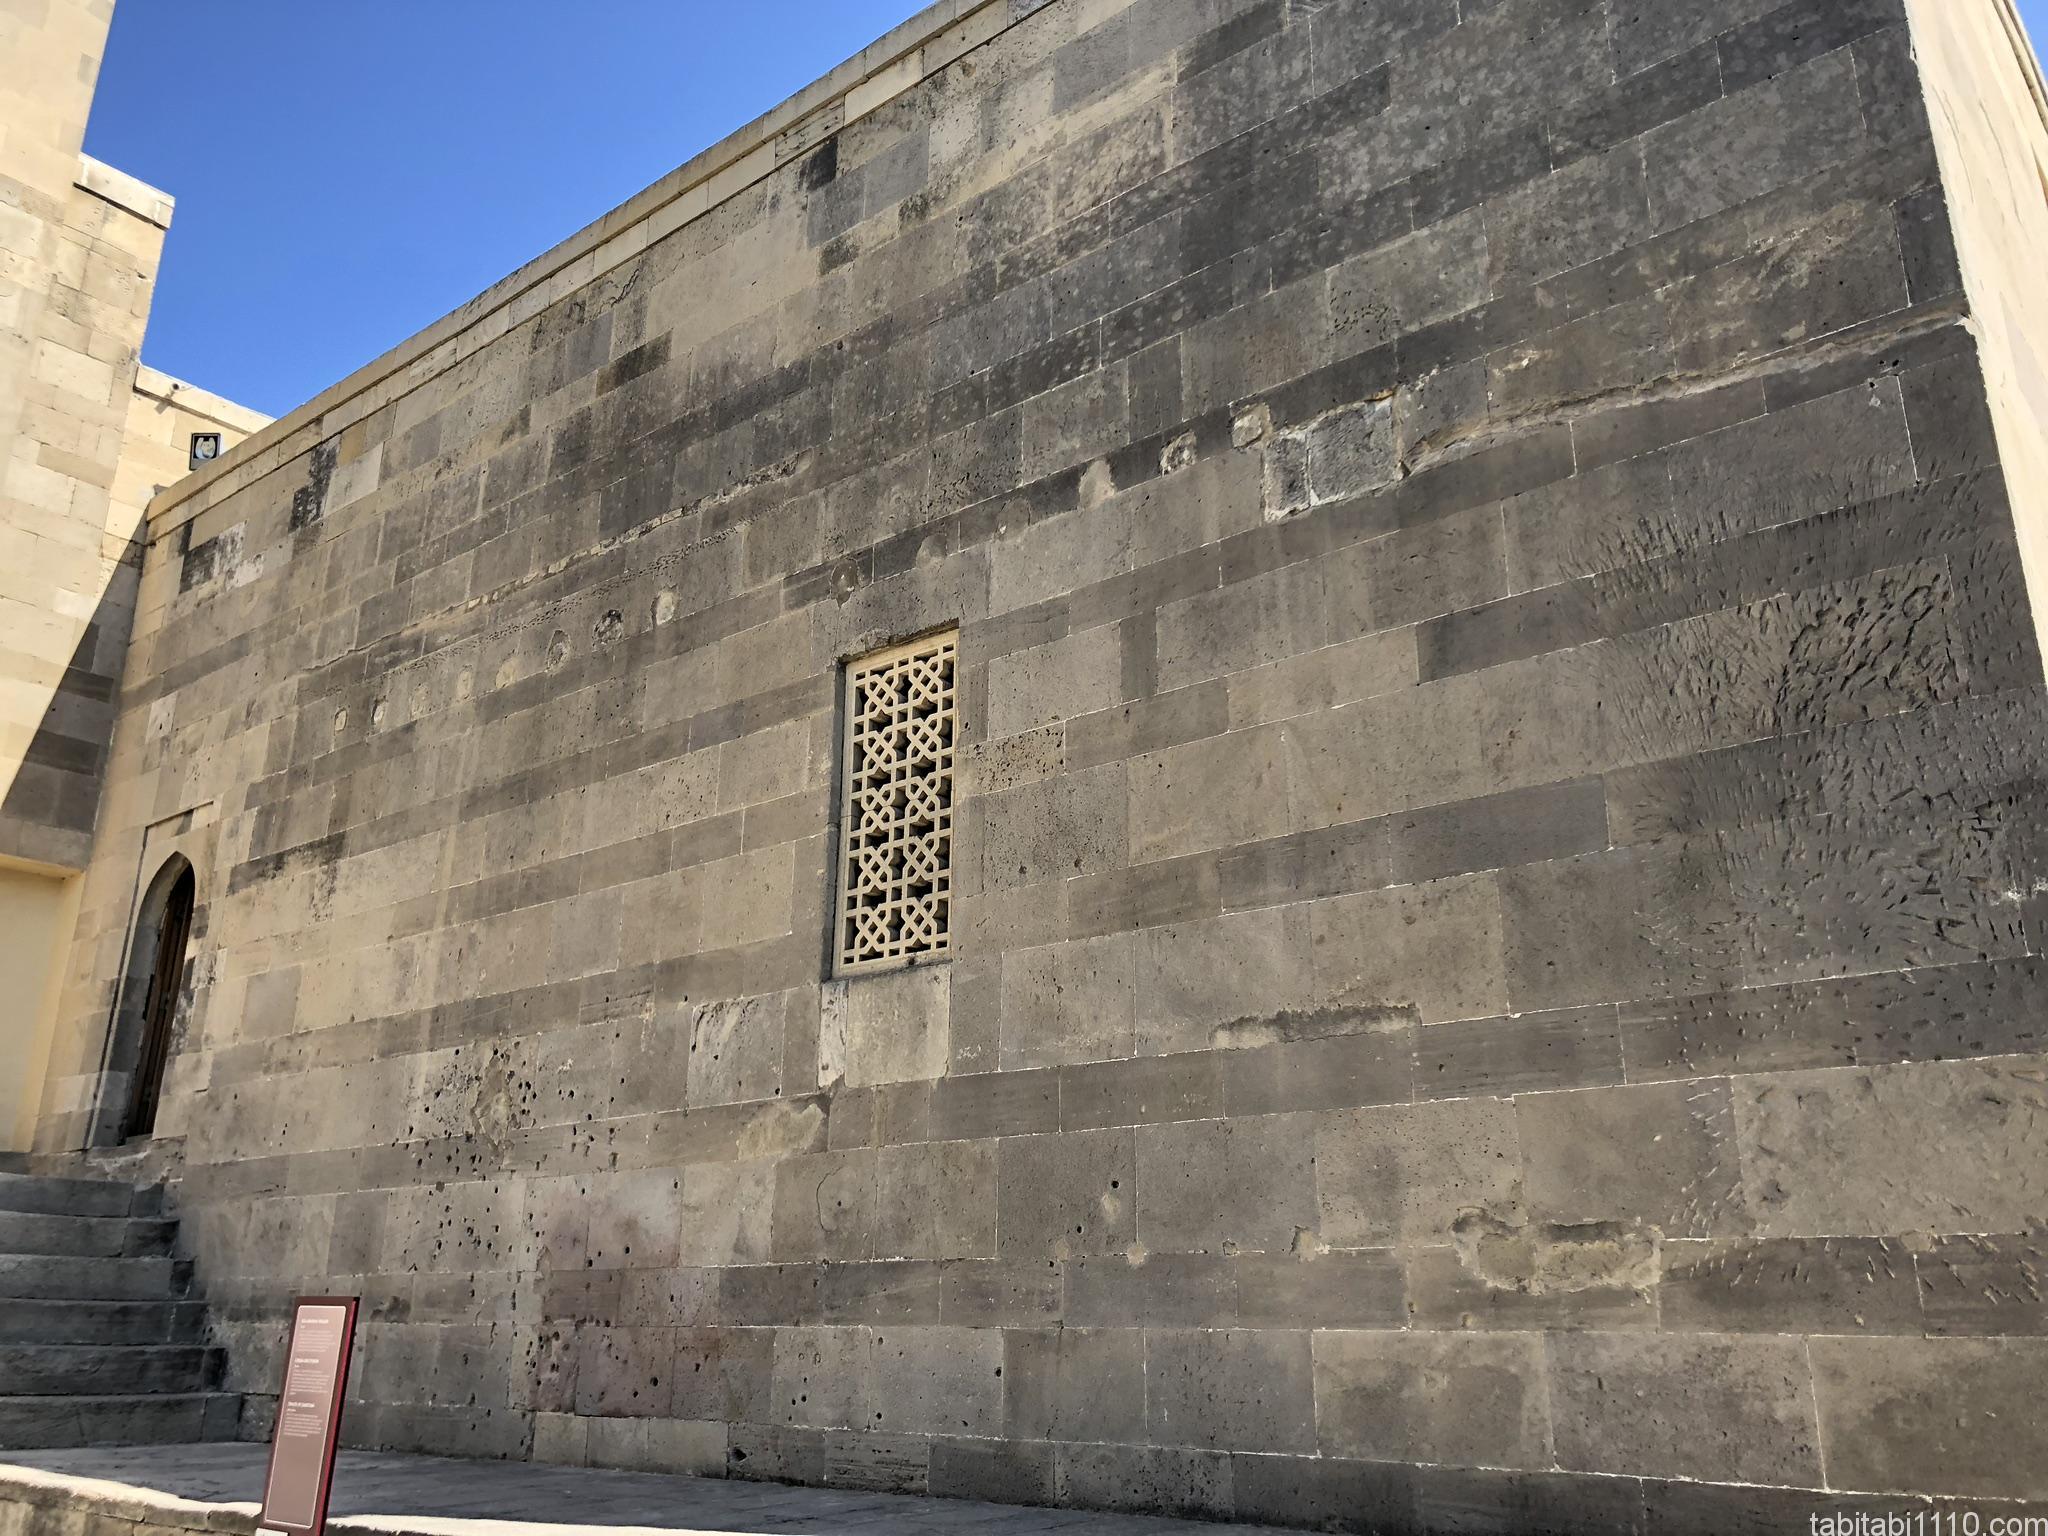 バクー観光|旧市街